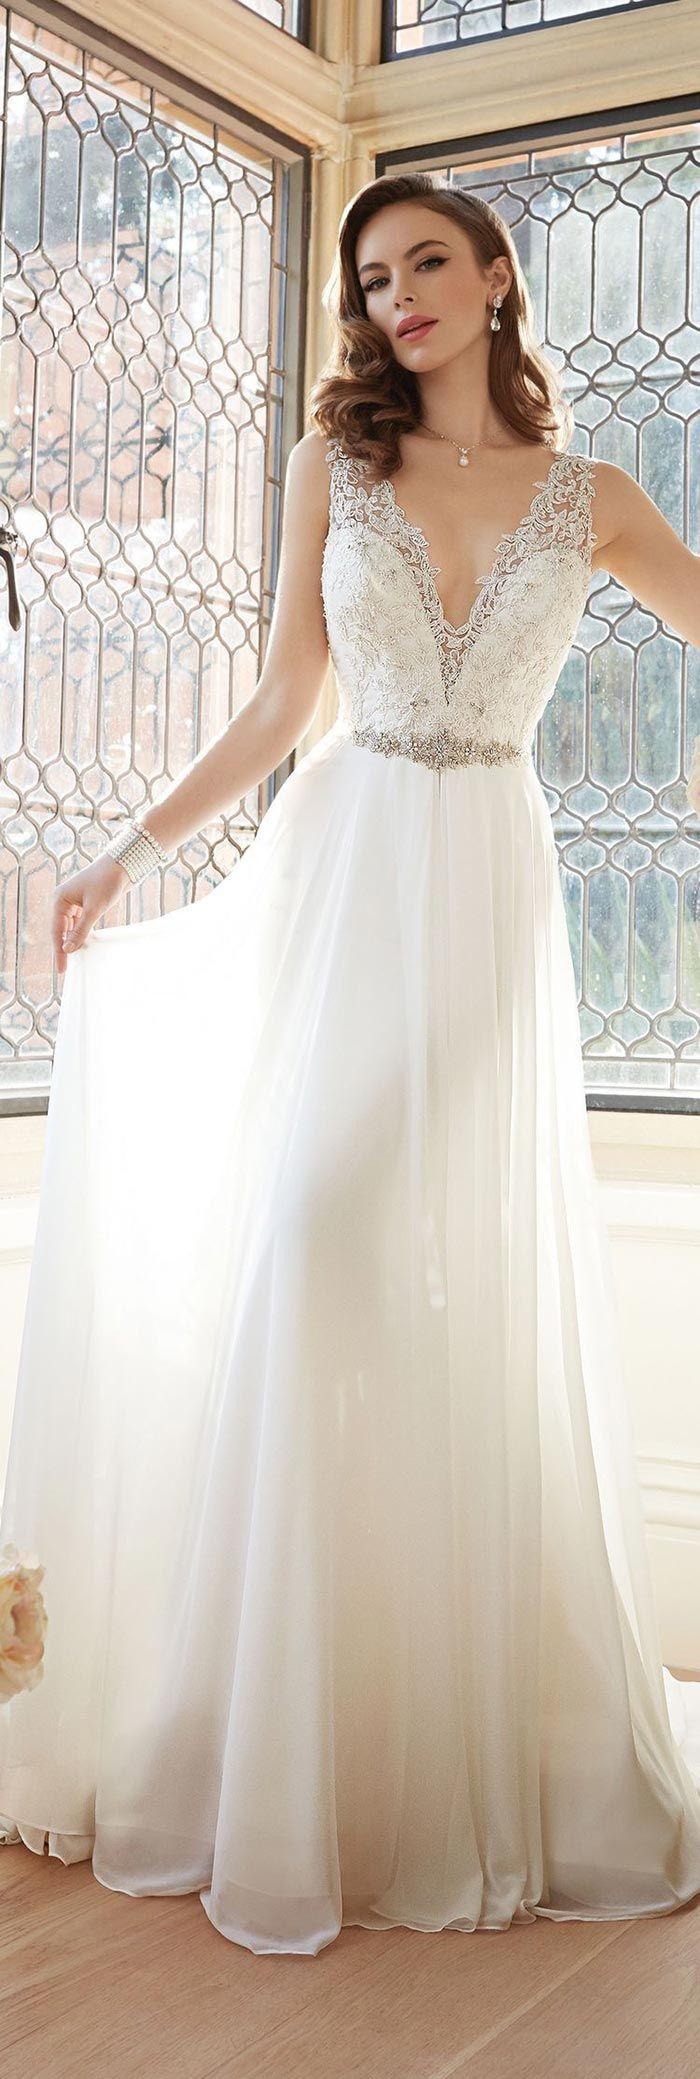 Vestido de noiva rendado                                                                                                                                                      Mais